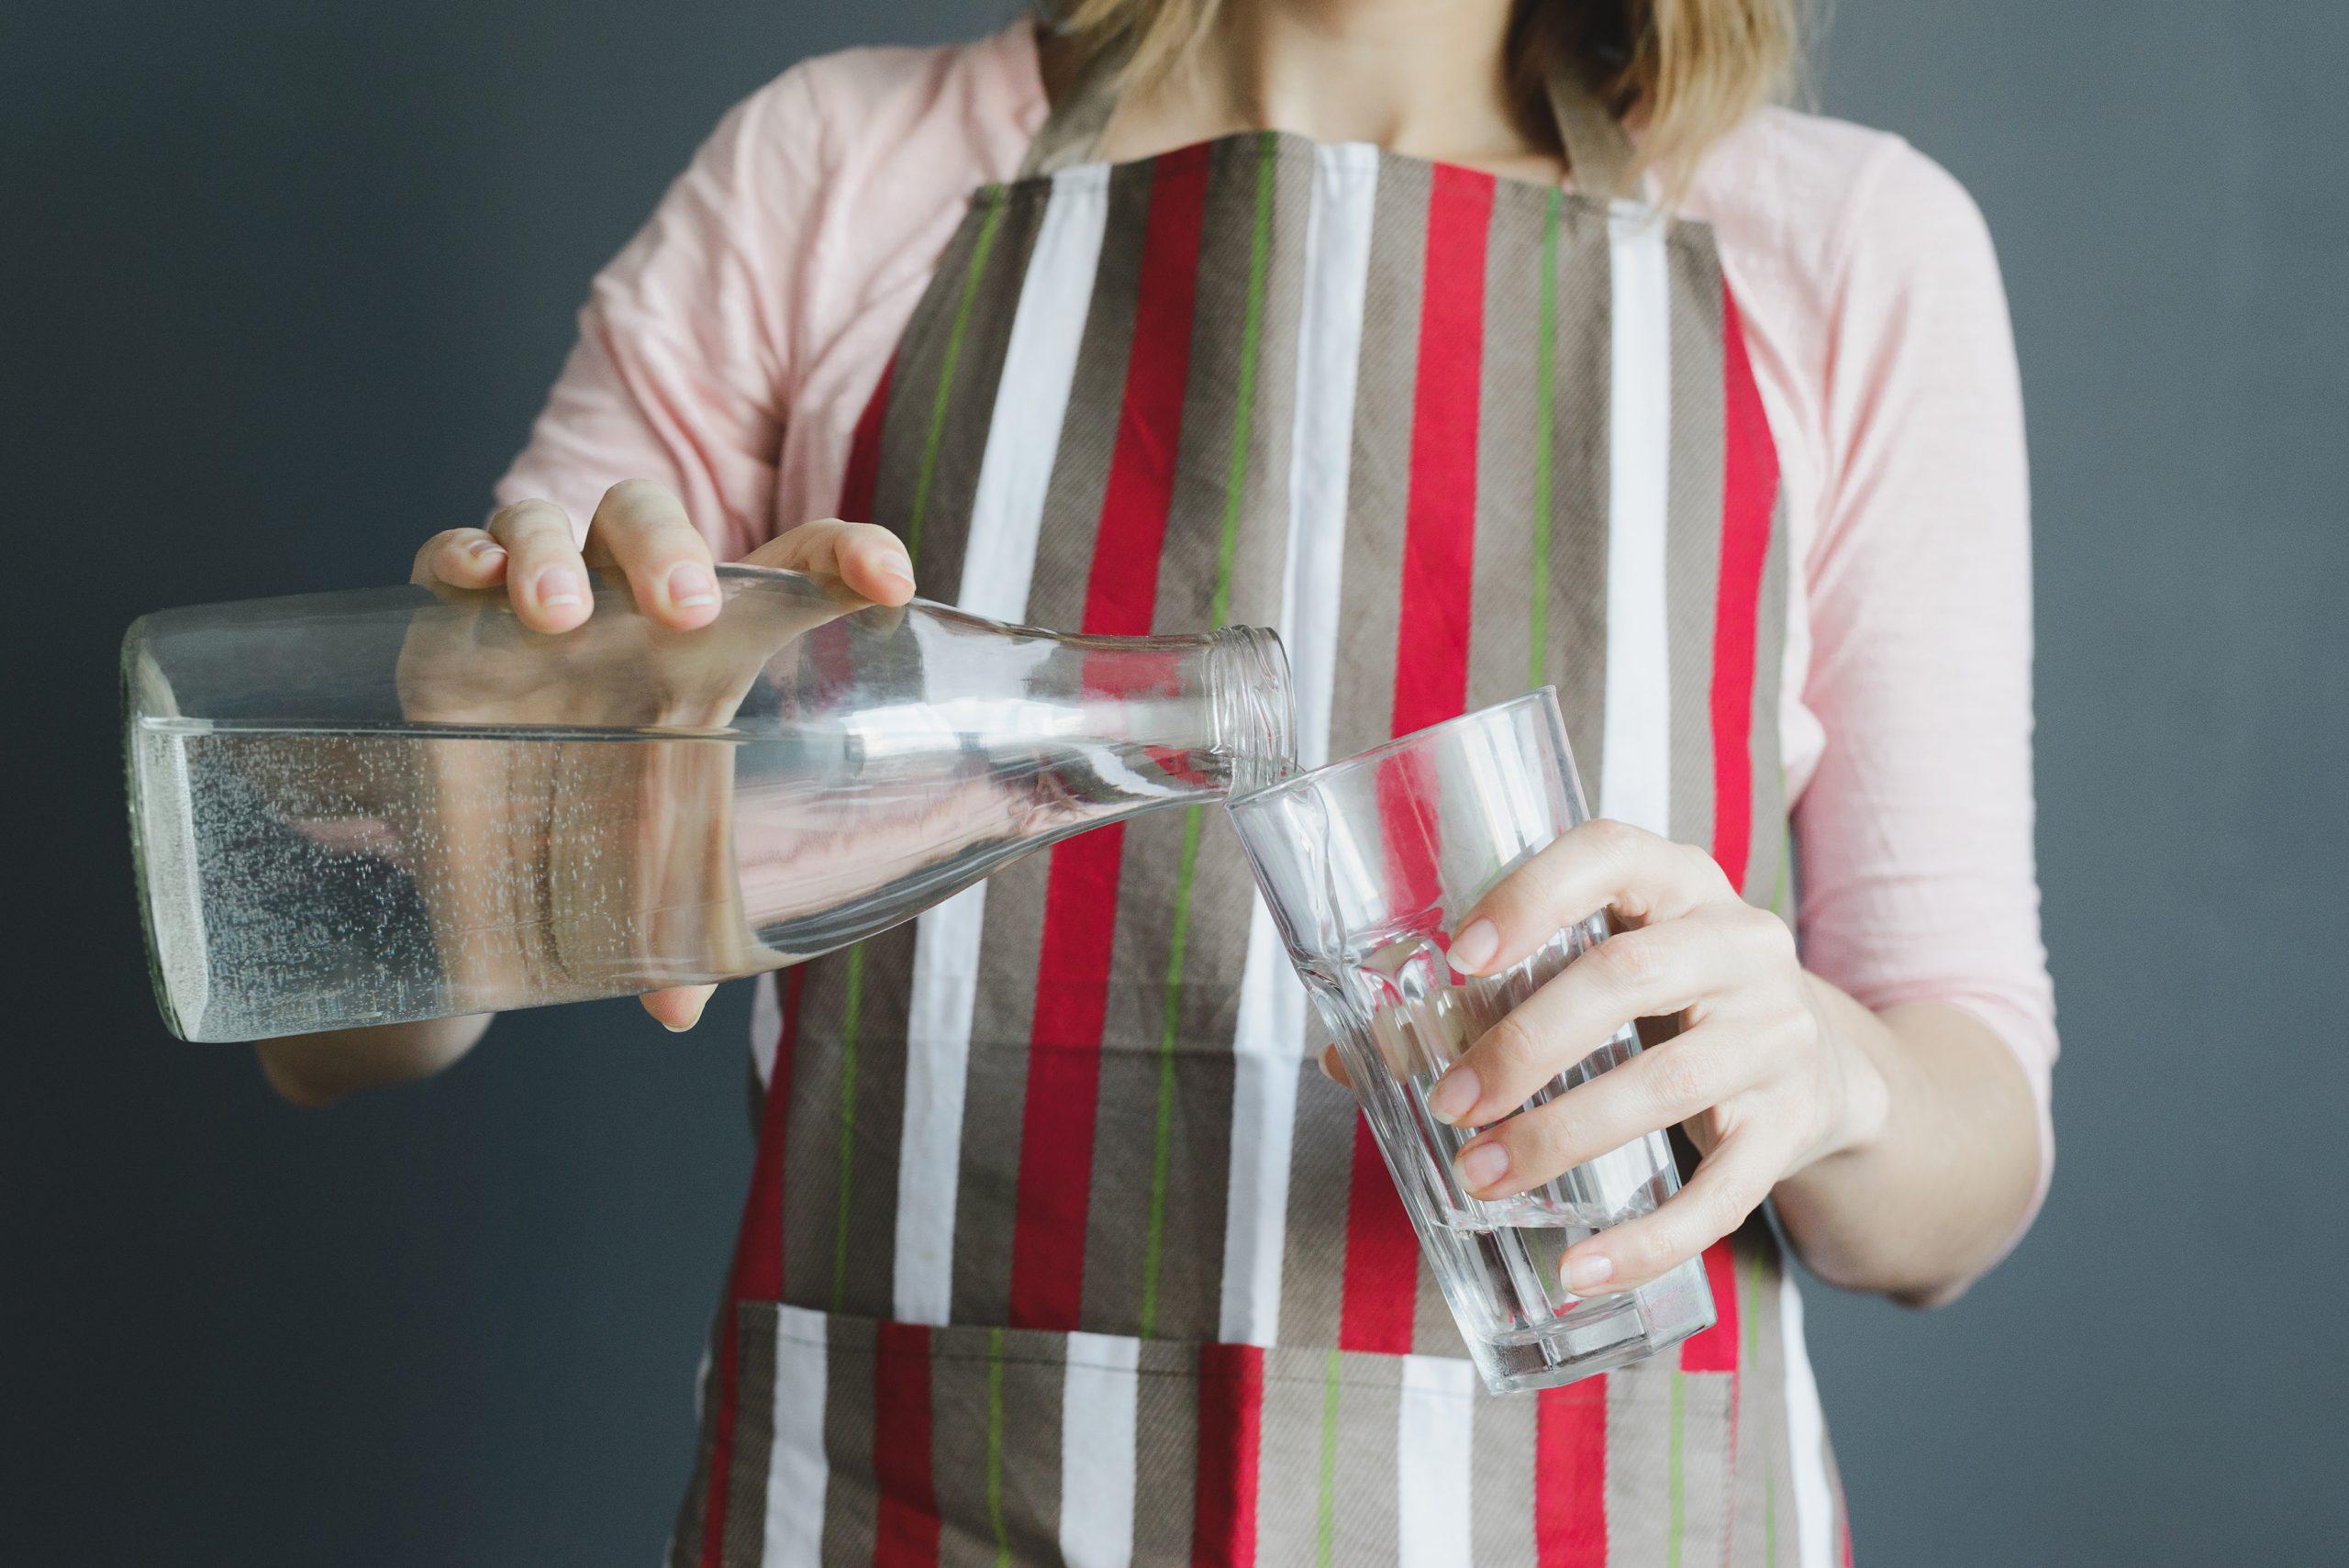 Entenda os sinais de que você está bebendo pouca água